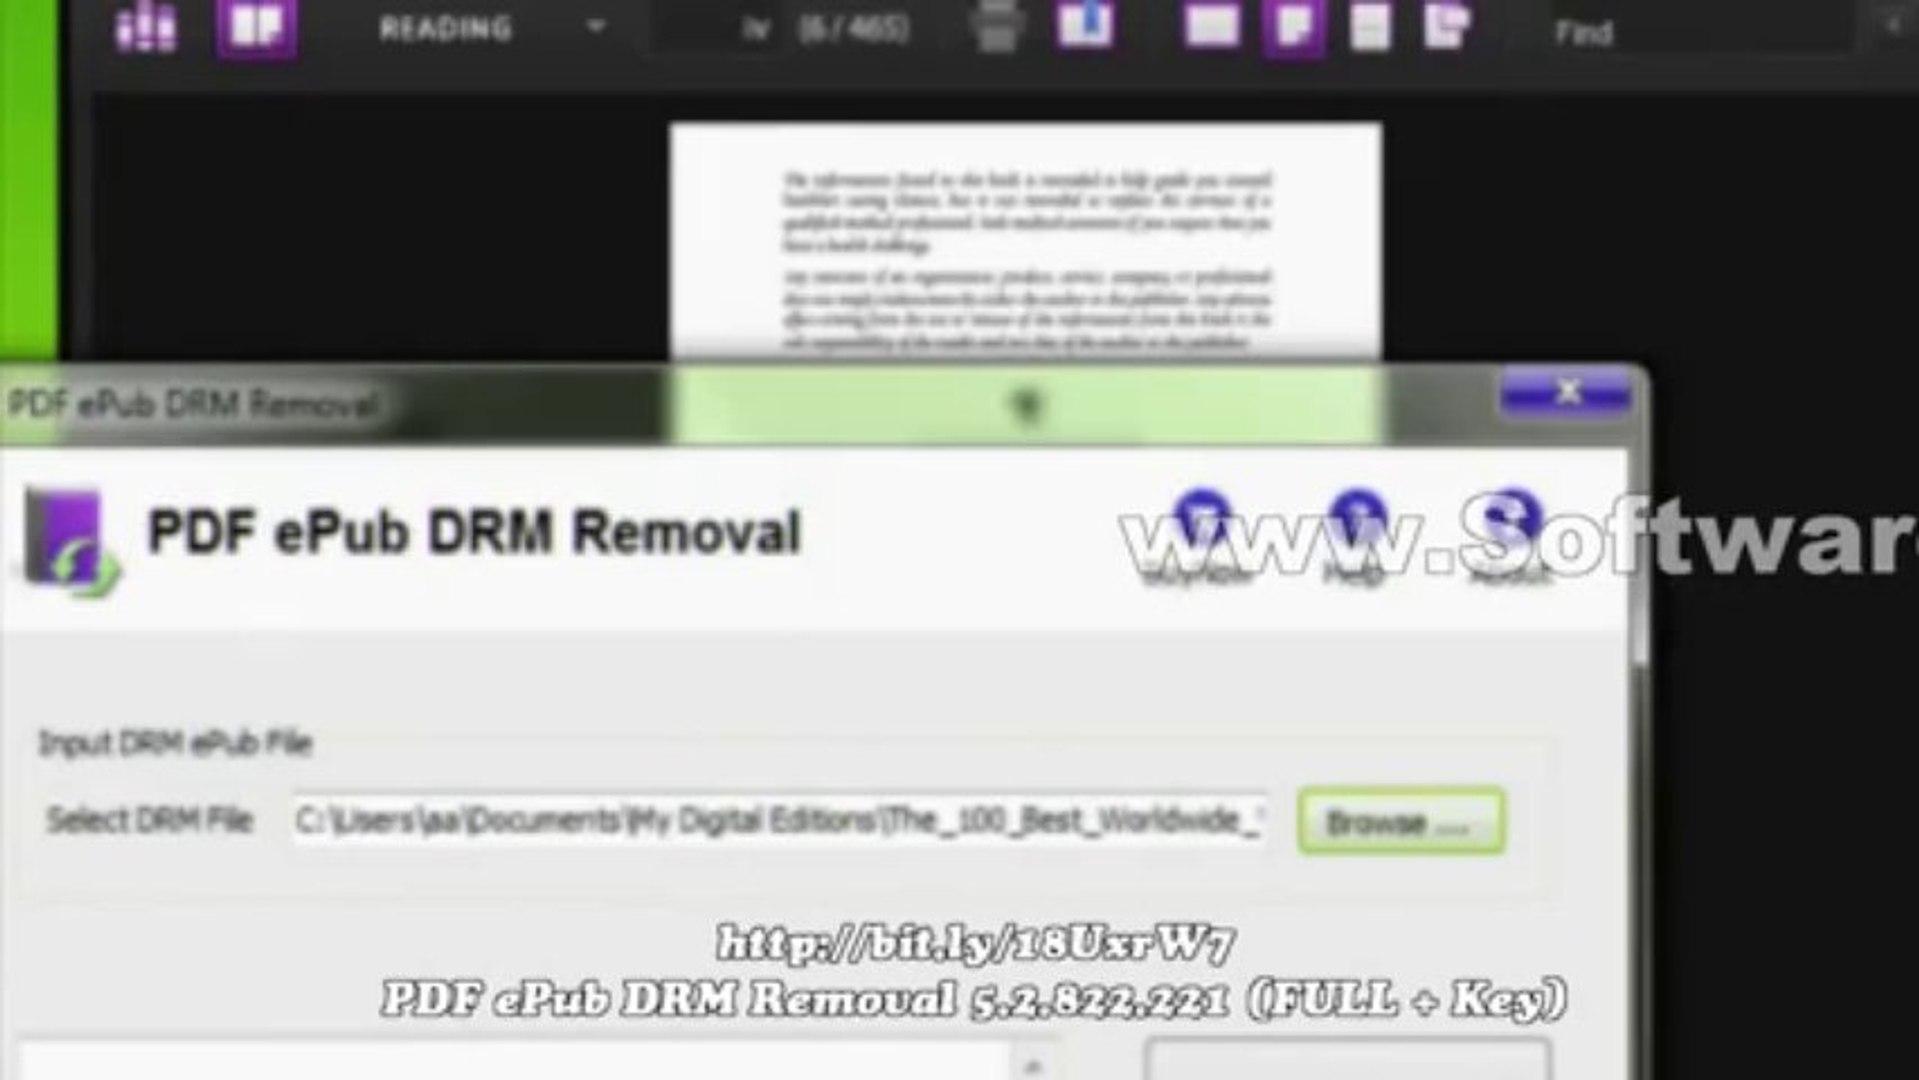 PDF ePub DRM Removal 5 2 822 221 (FULL + Key)